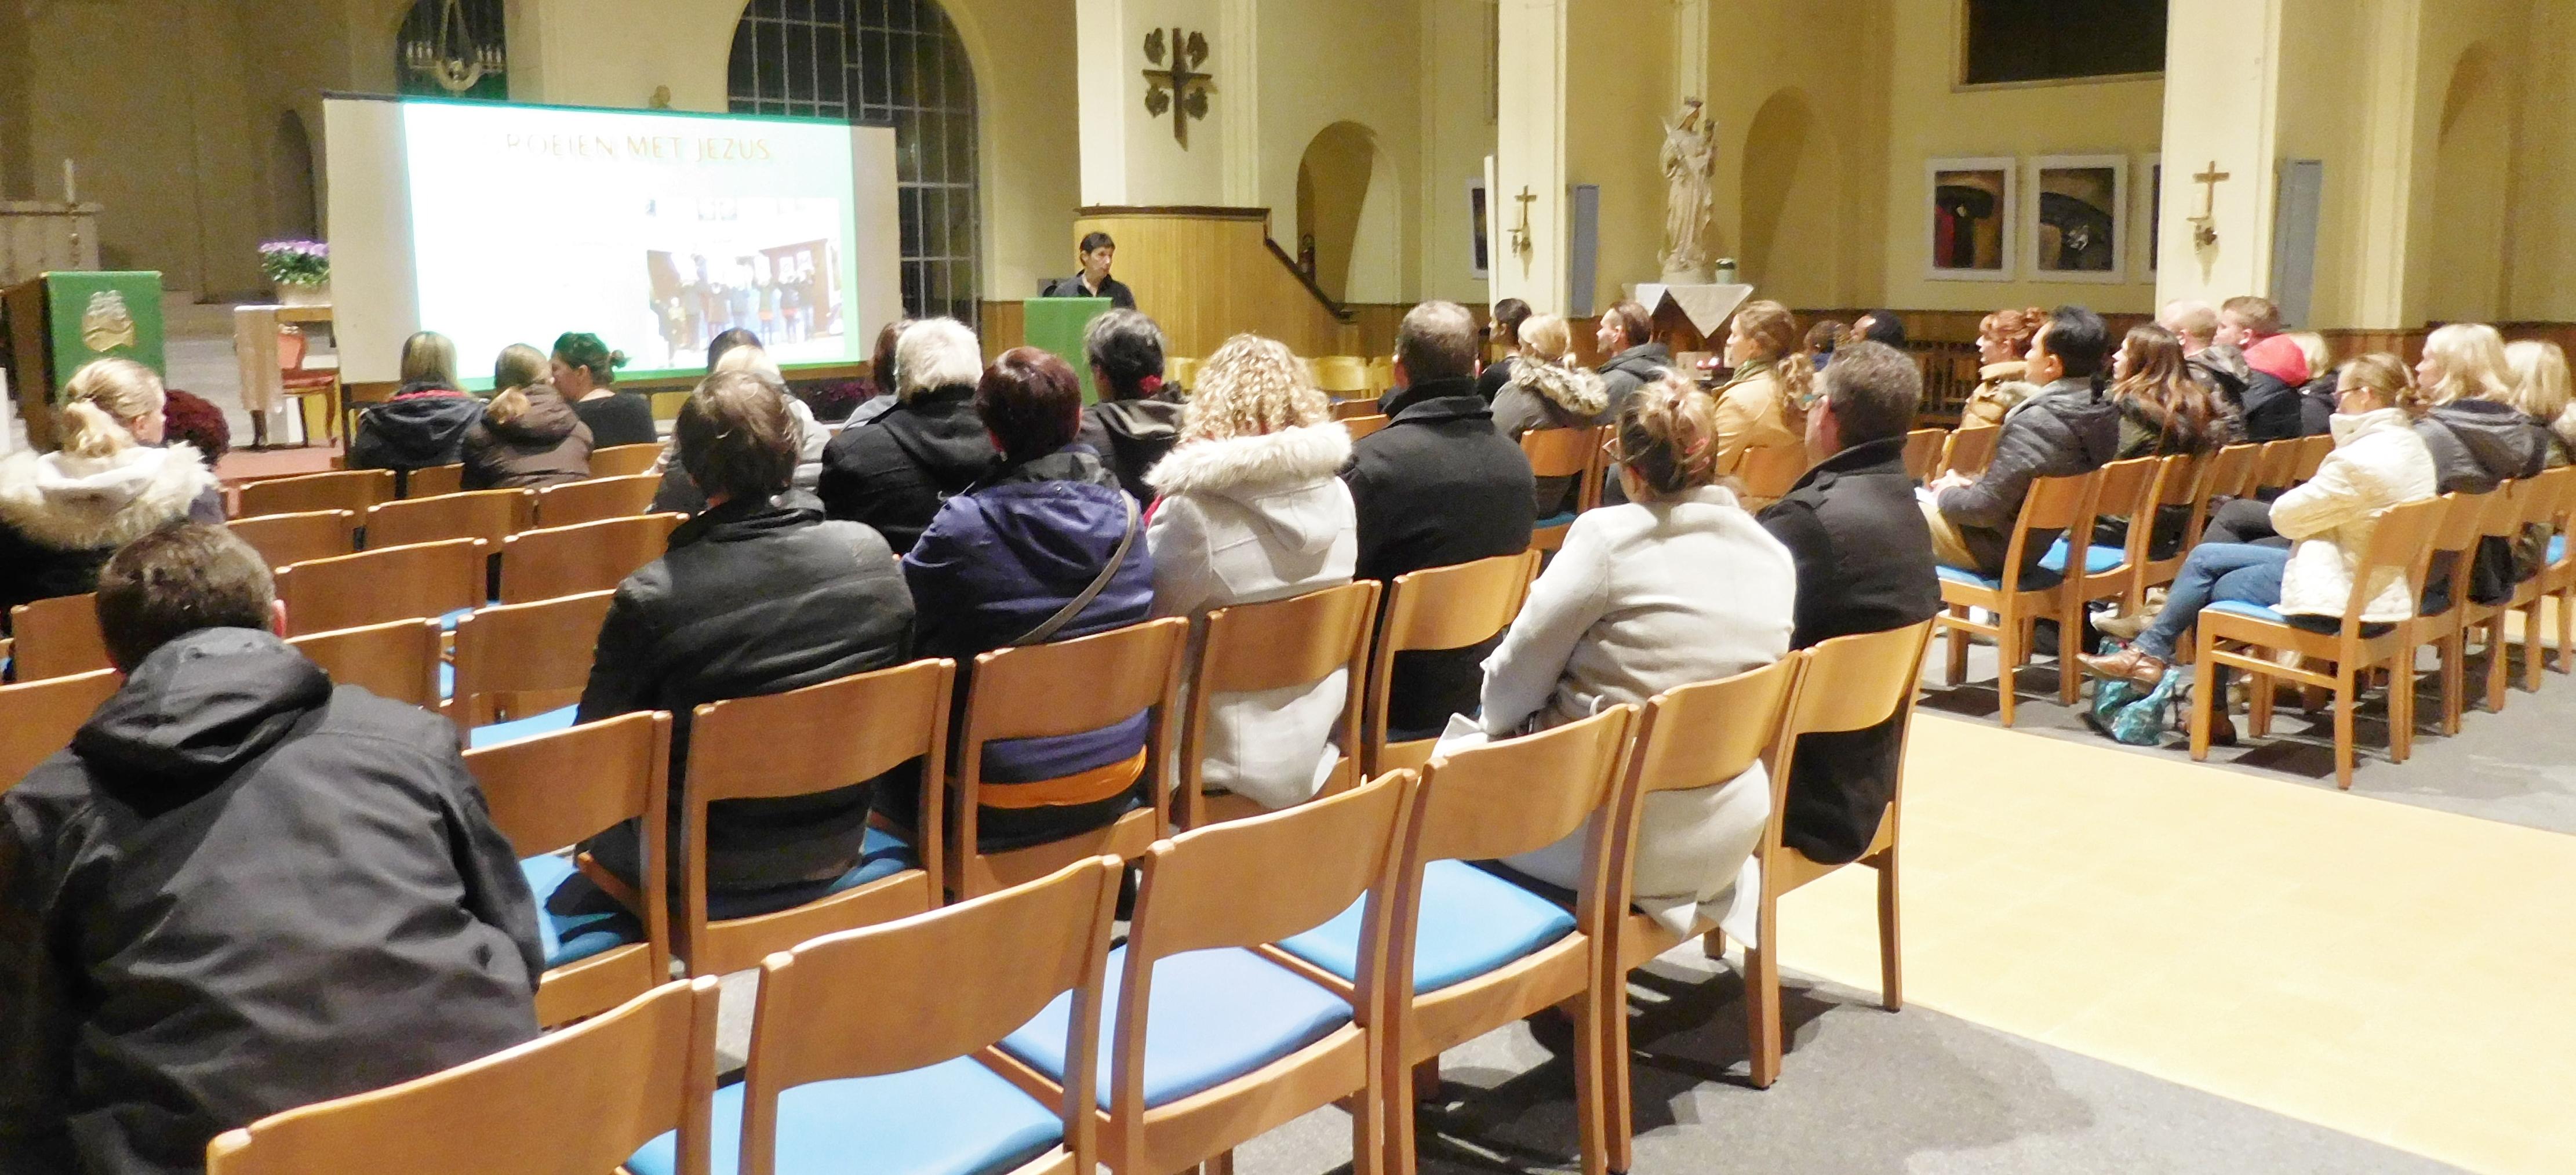 Infoavond eerste communie Sint-Jozef